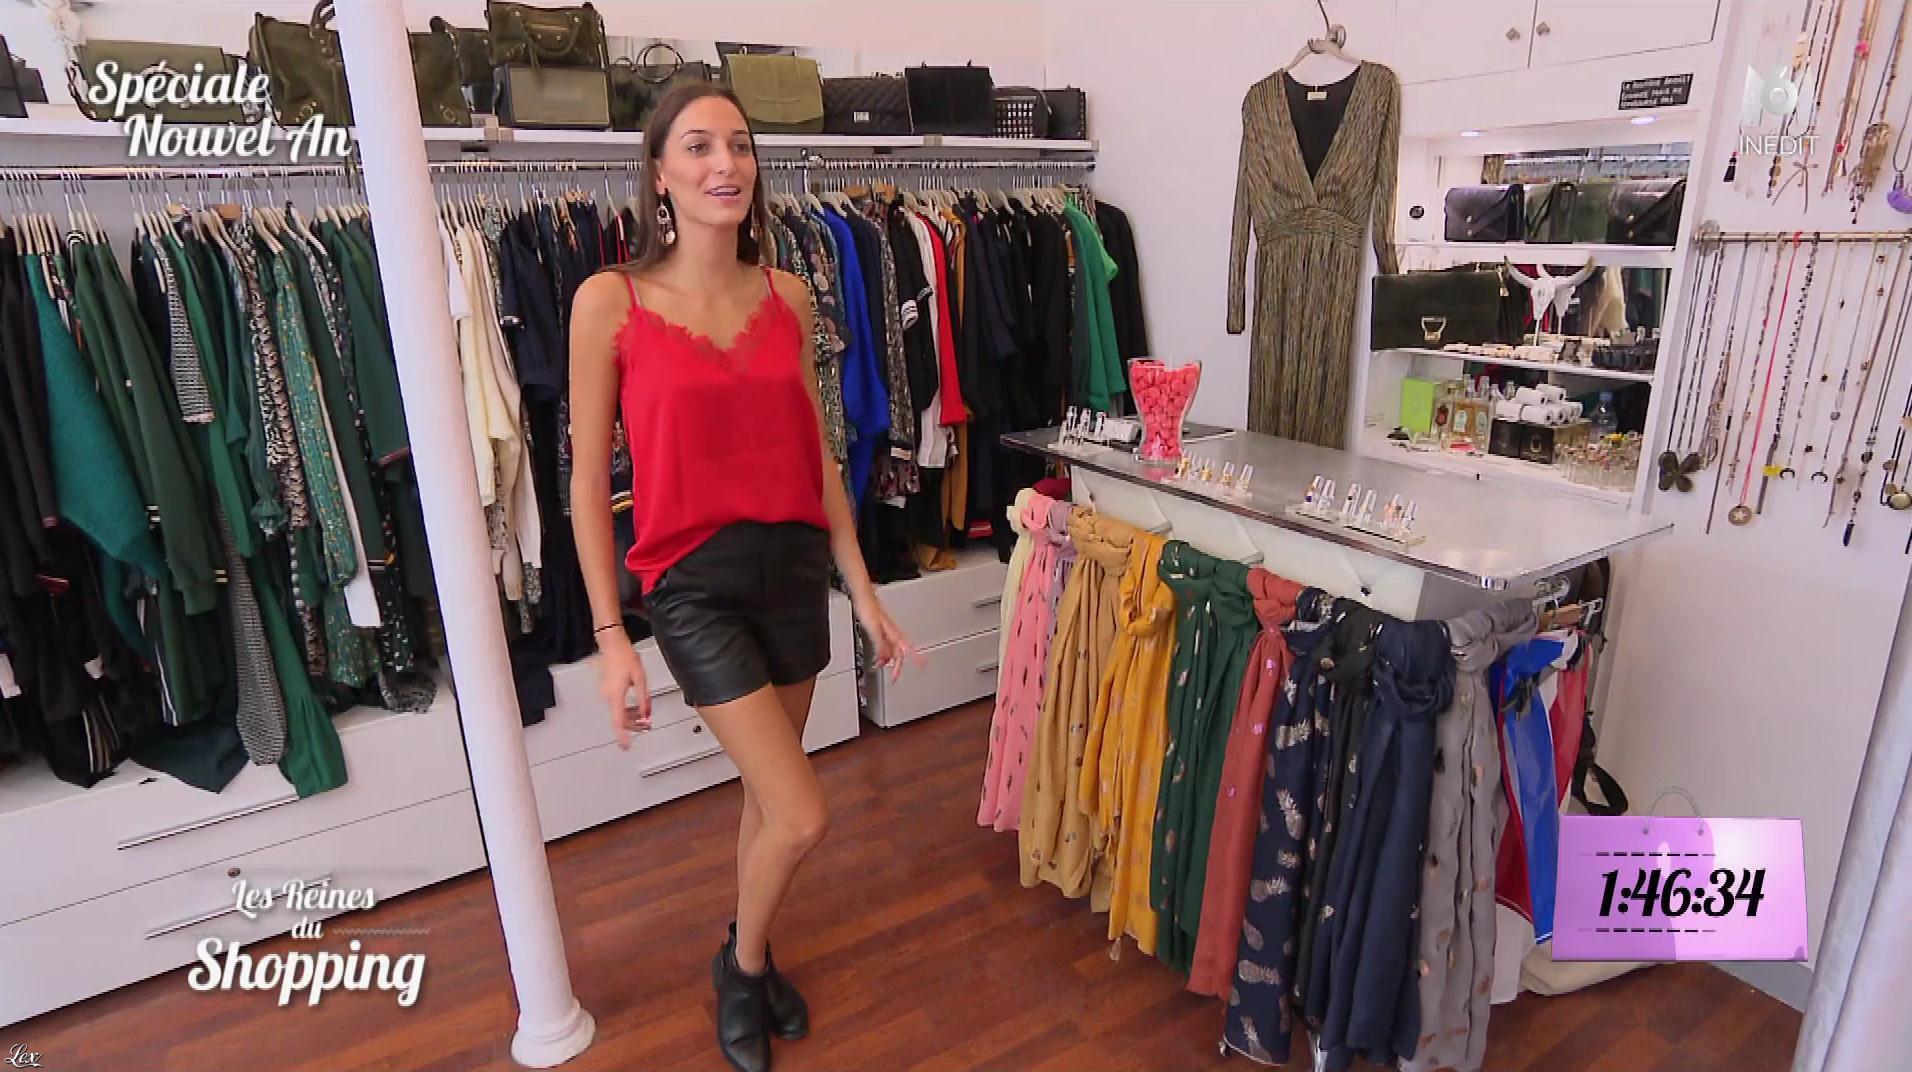 Une Candidate dans les Reines du Shopping. Diffusé à la télévision le 07/12/18.